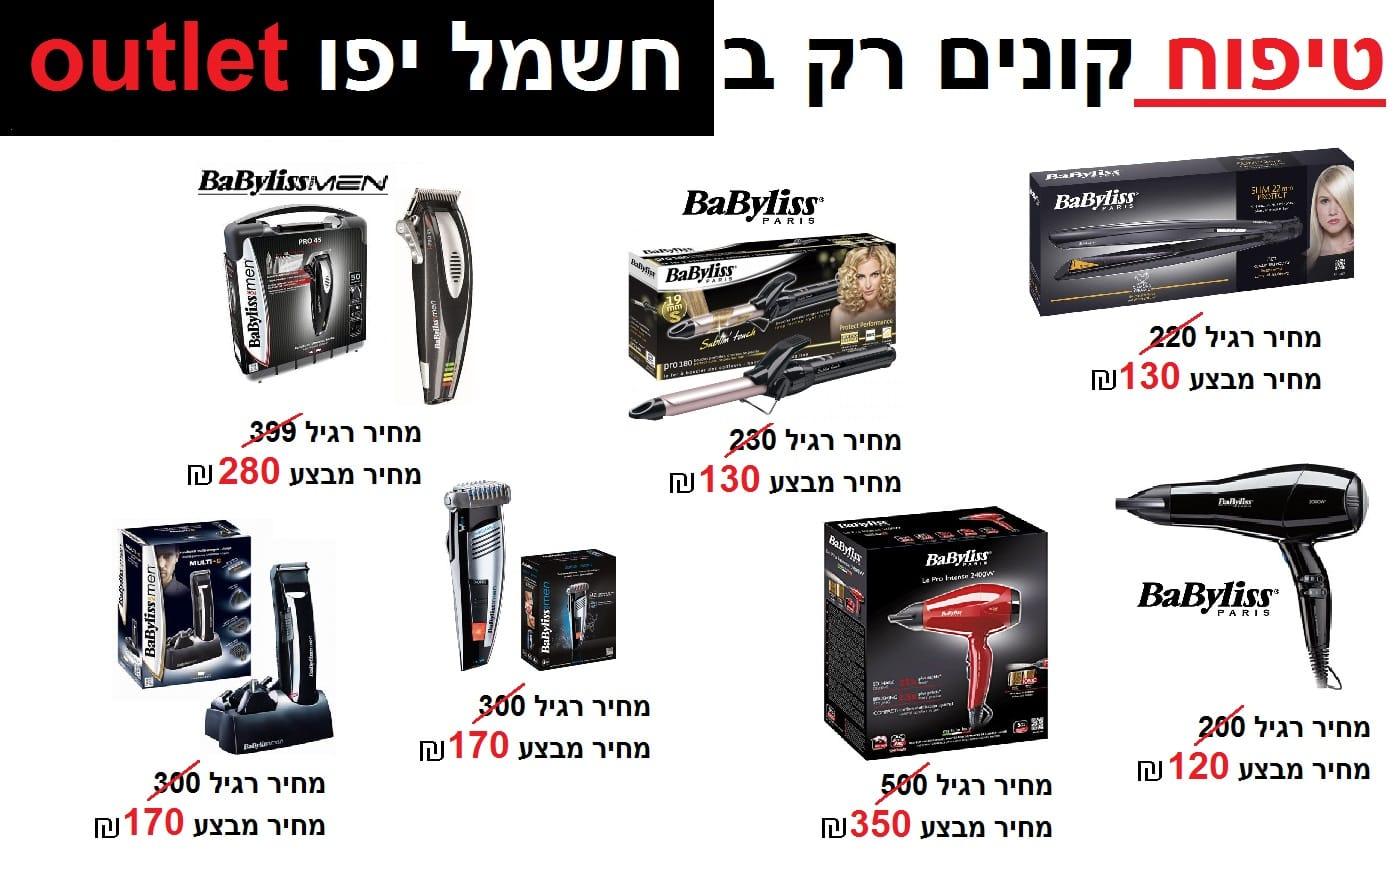 حملة تخفيضات جديدة في صالة كهربا يافا Outlet